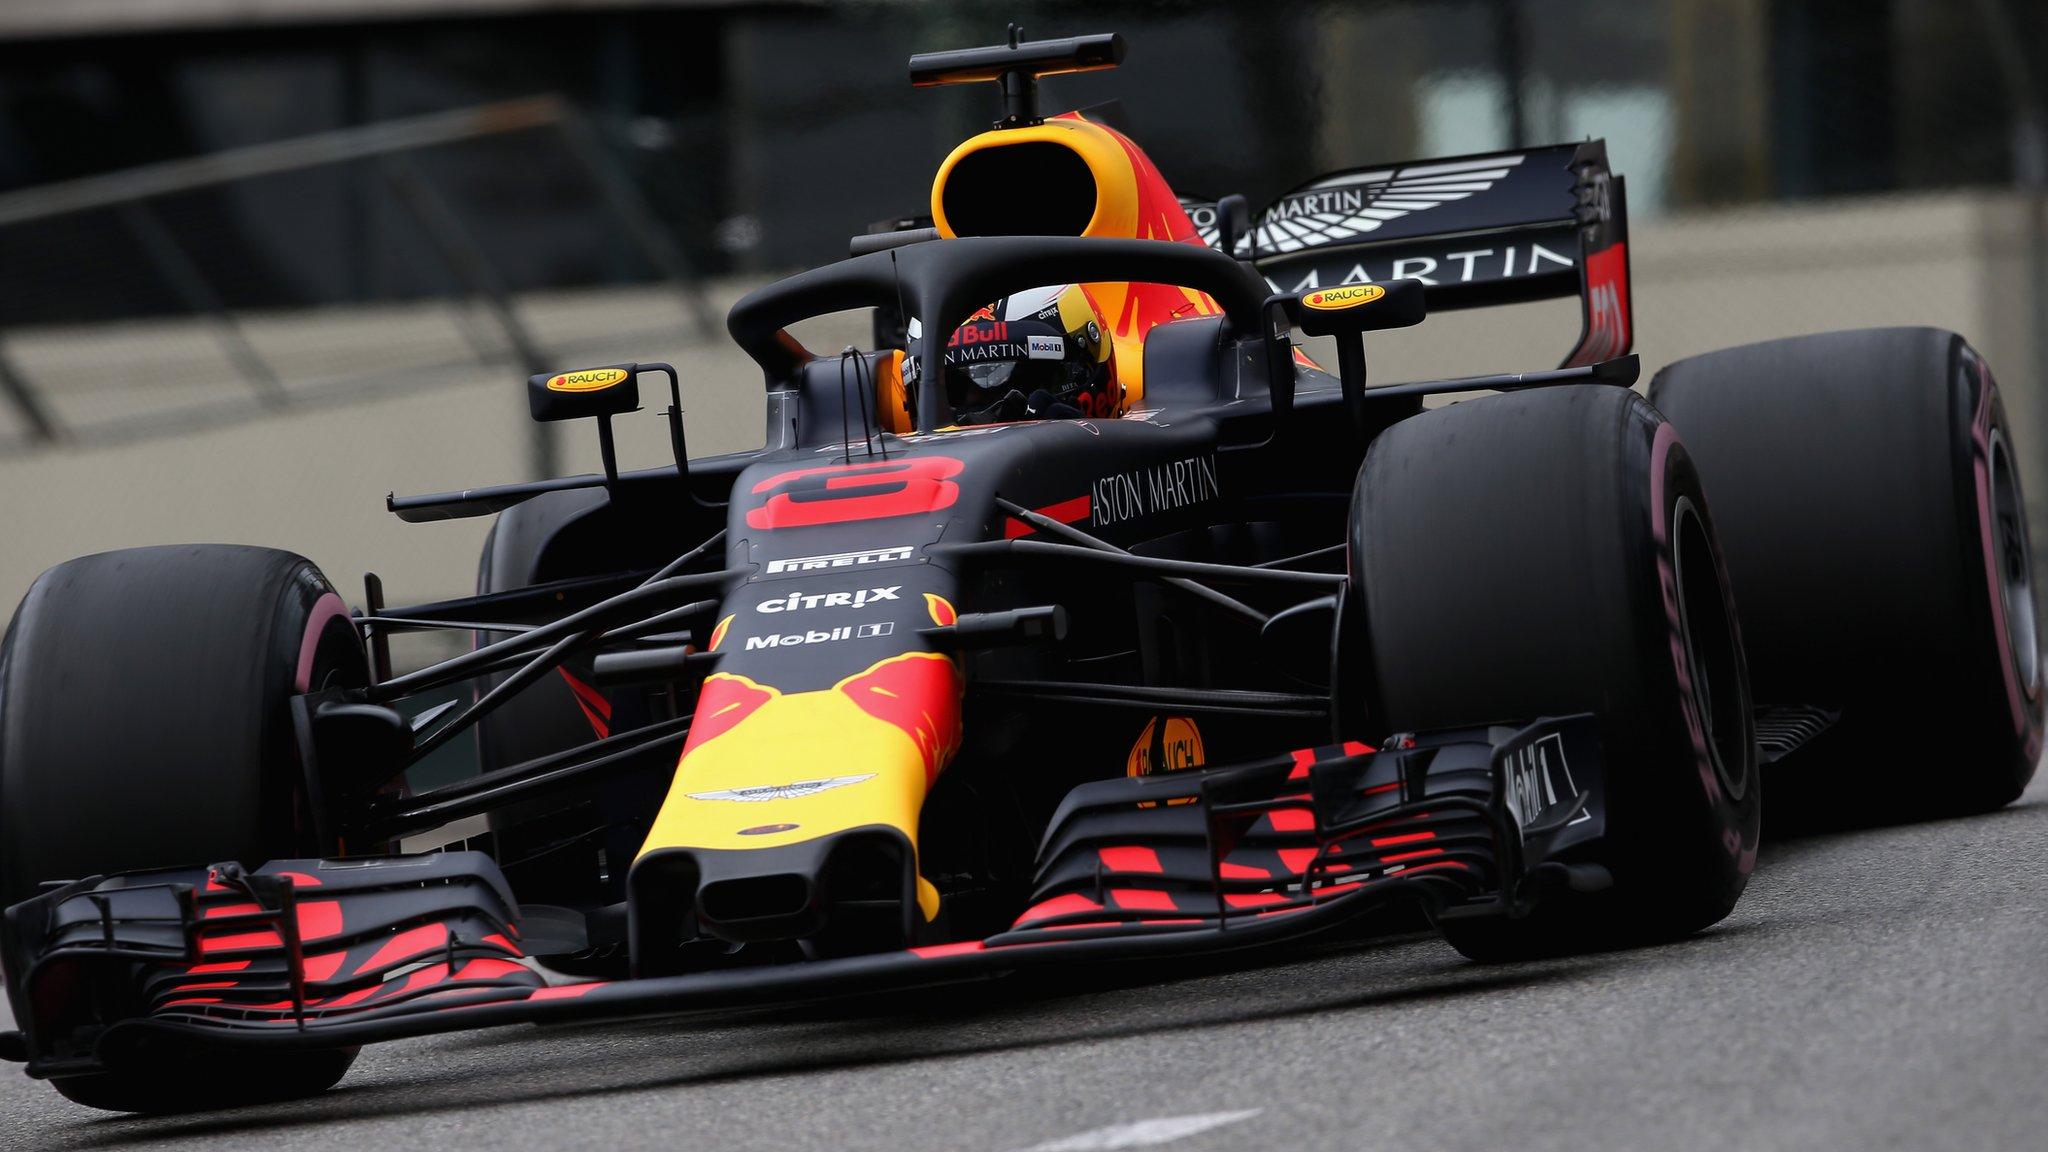 Monaco Grand Prix: Daniel Ricciardo leads Red Bull one-two in Monte Carlo